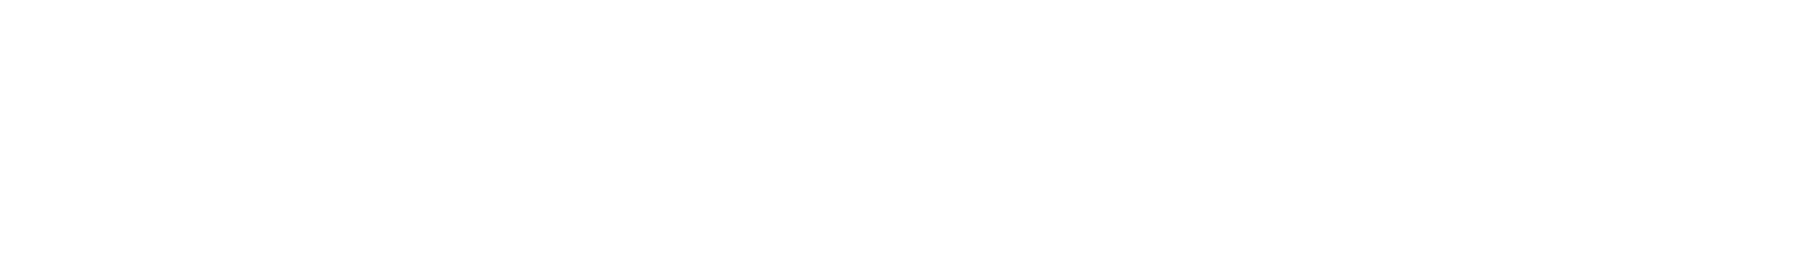 gia sound 07 f2